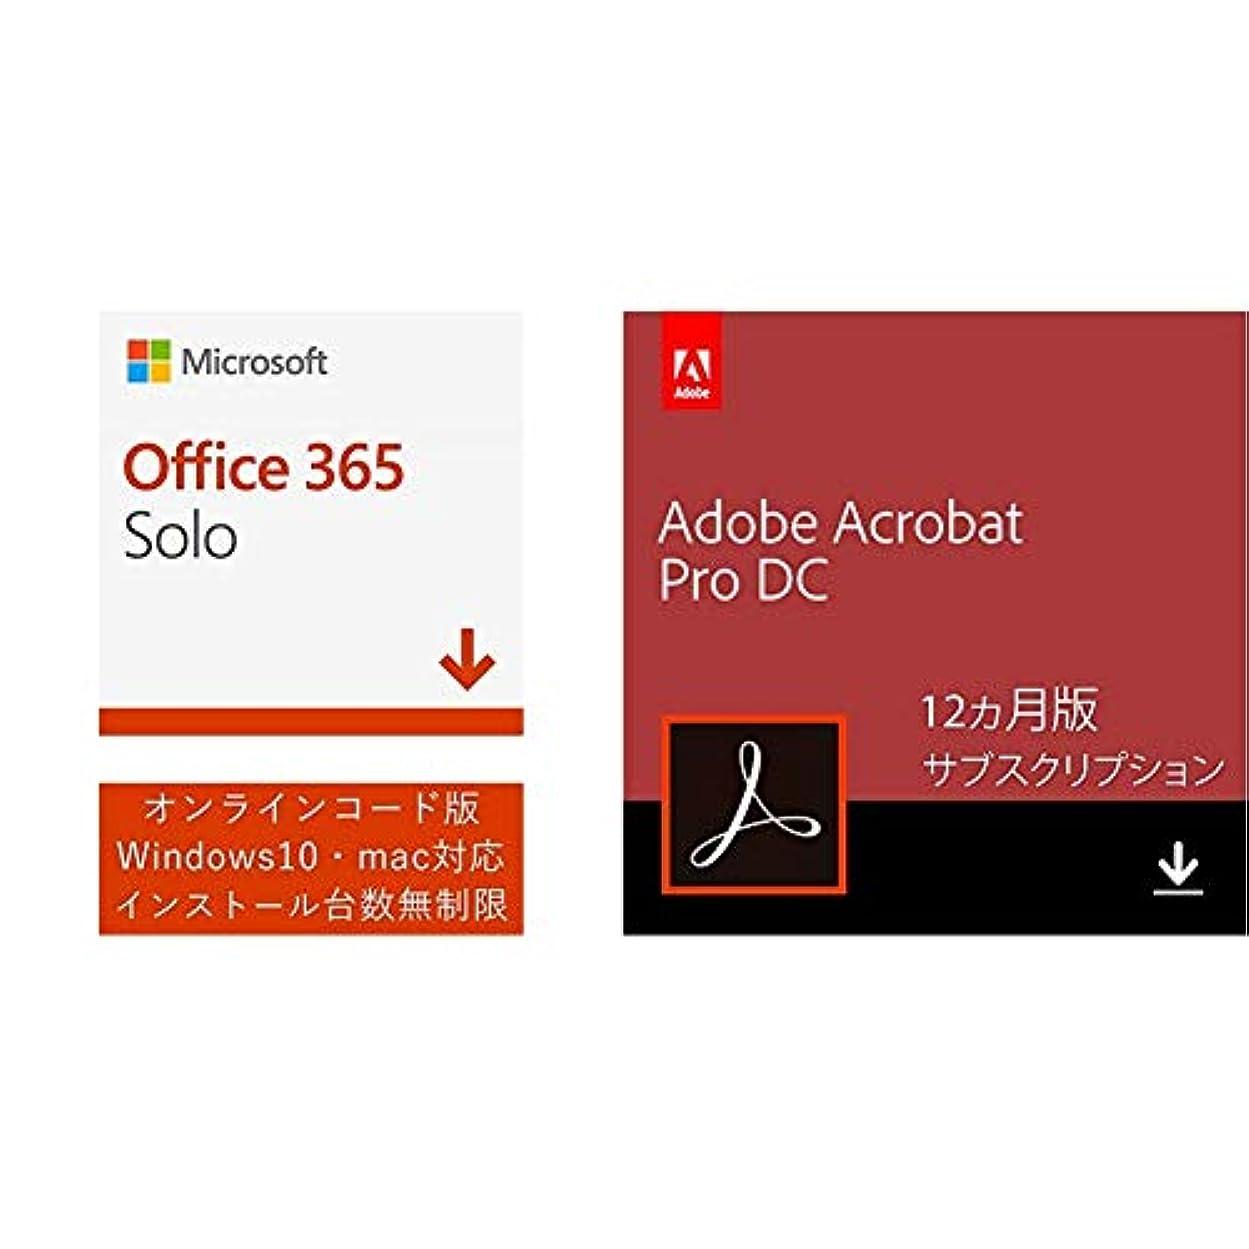 憲法つなぐネズミ【デジタルセット商品】Microsoft Office 365 Solo +Adobe Acrobat Pro DC 12か月版